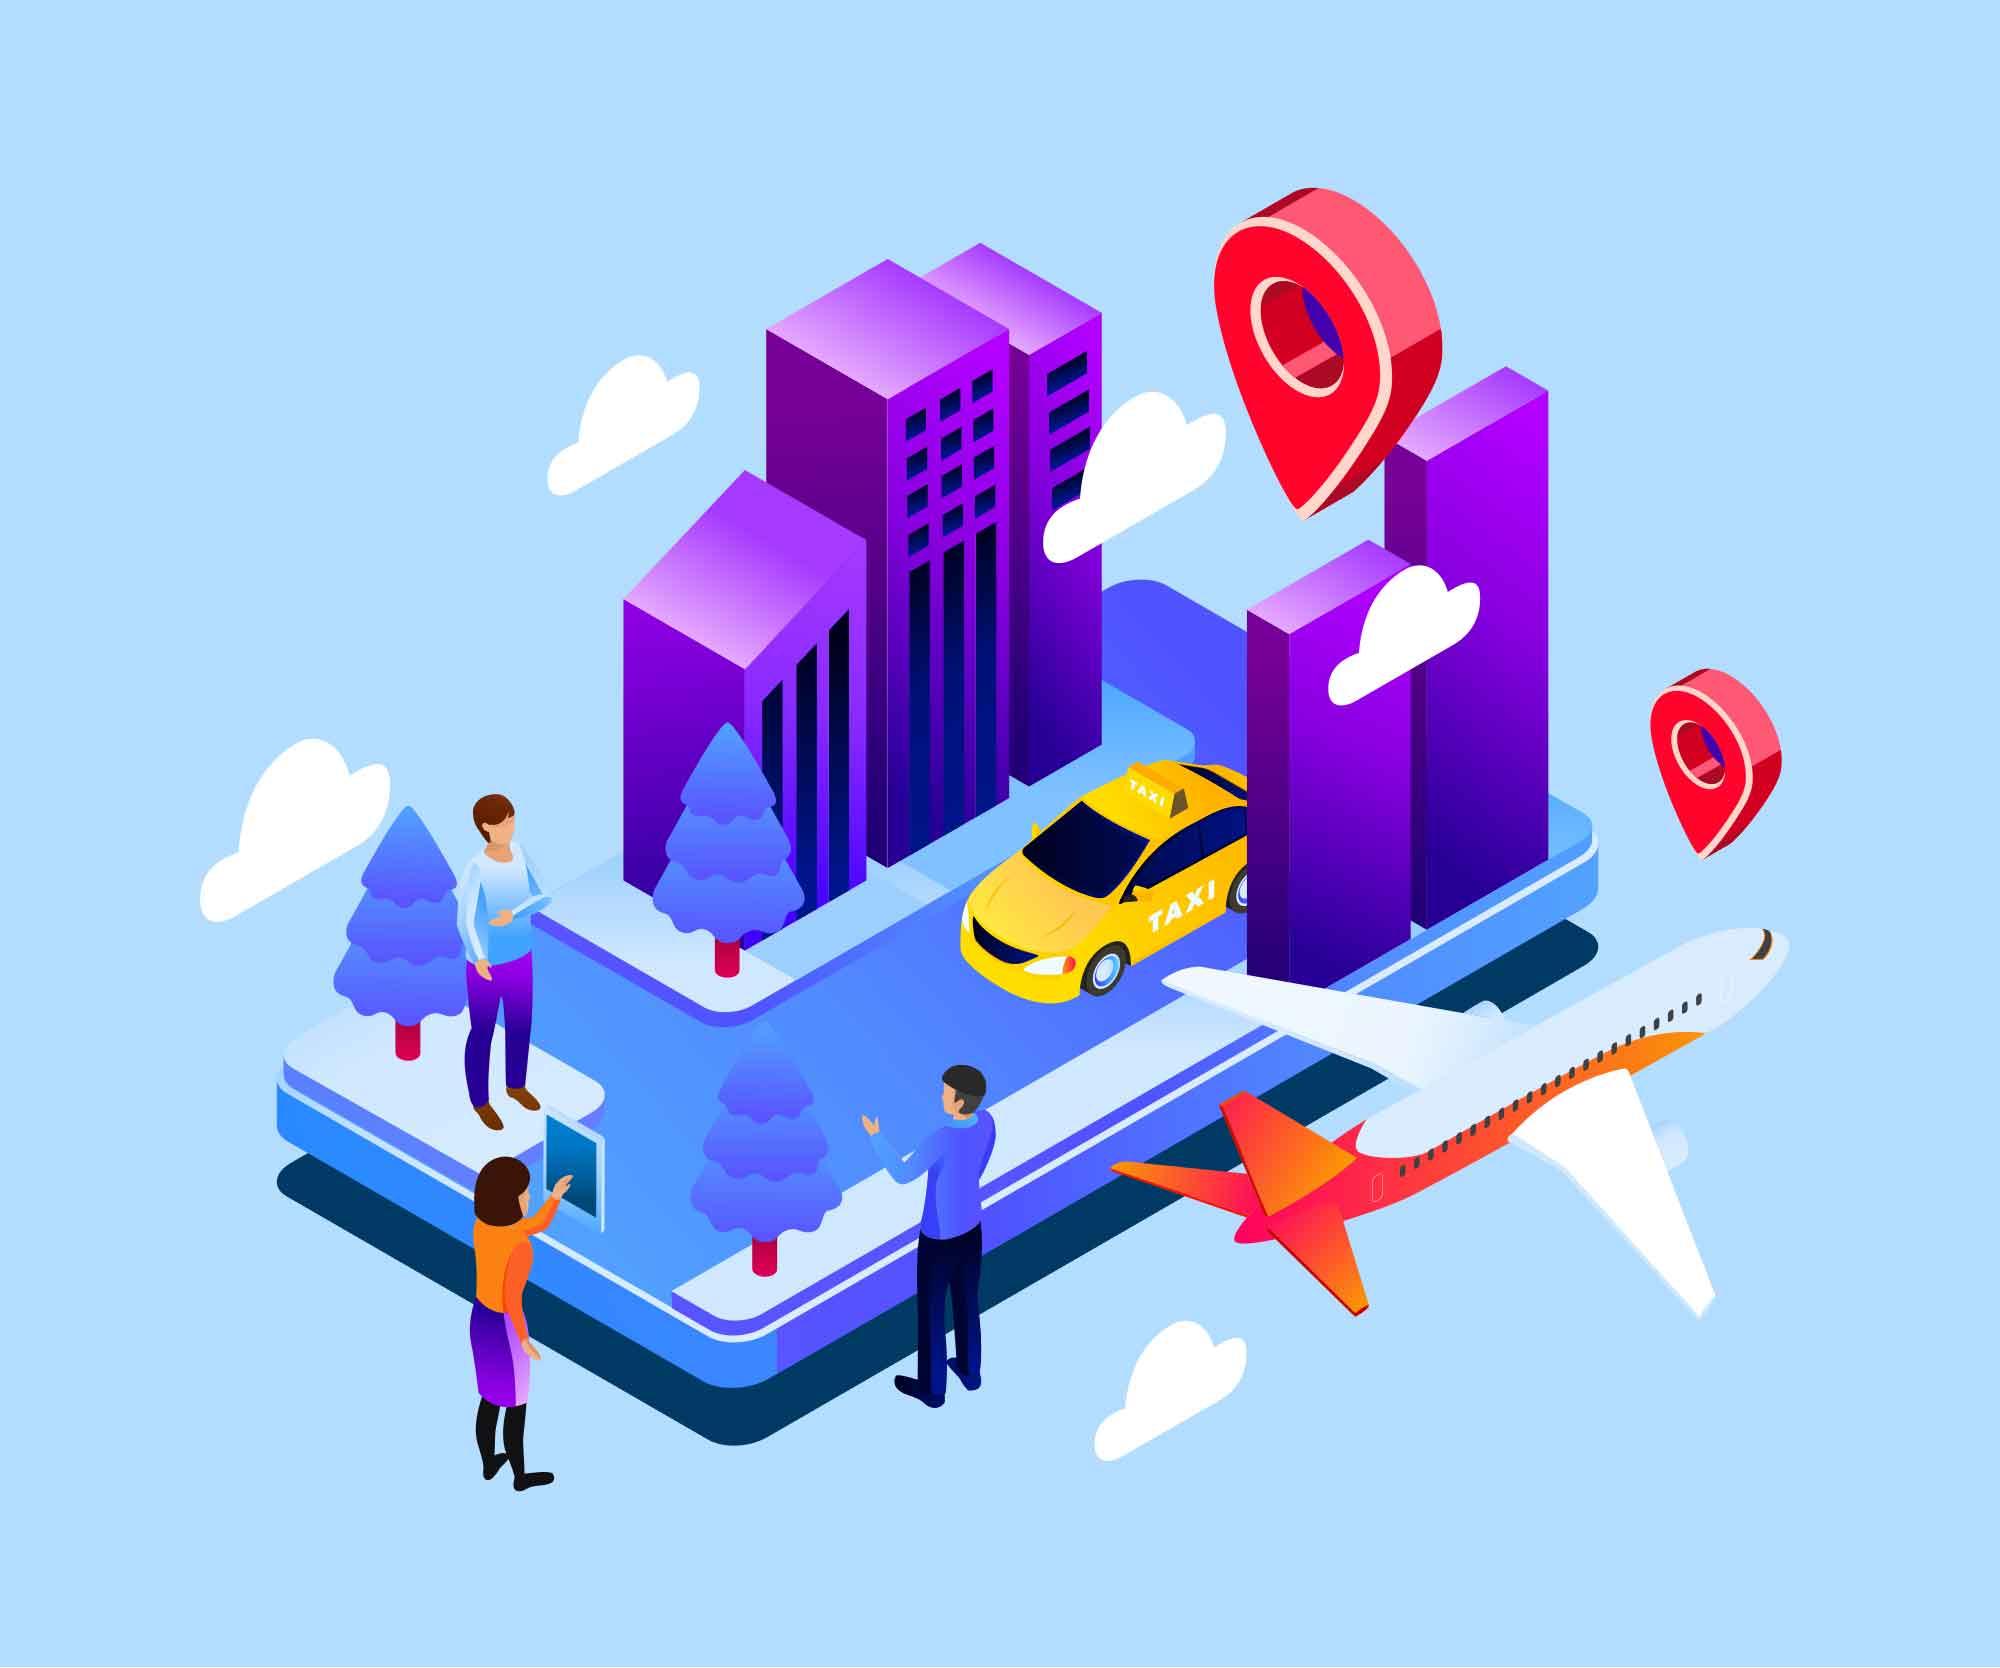 GPS Tracking Illustration